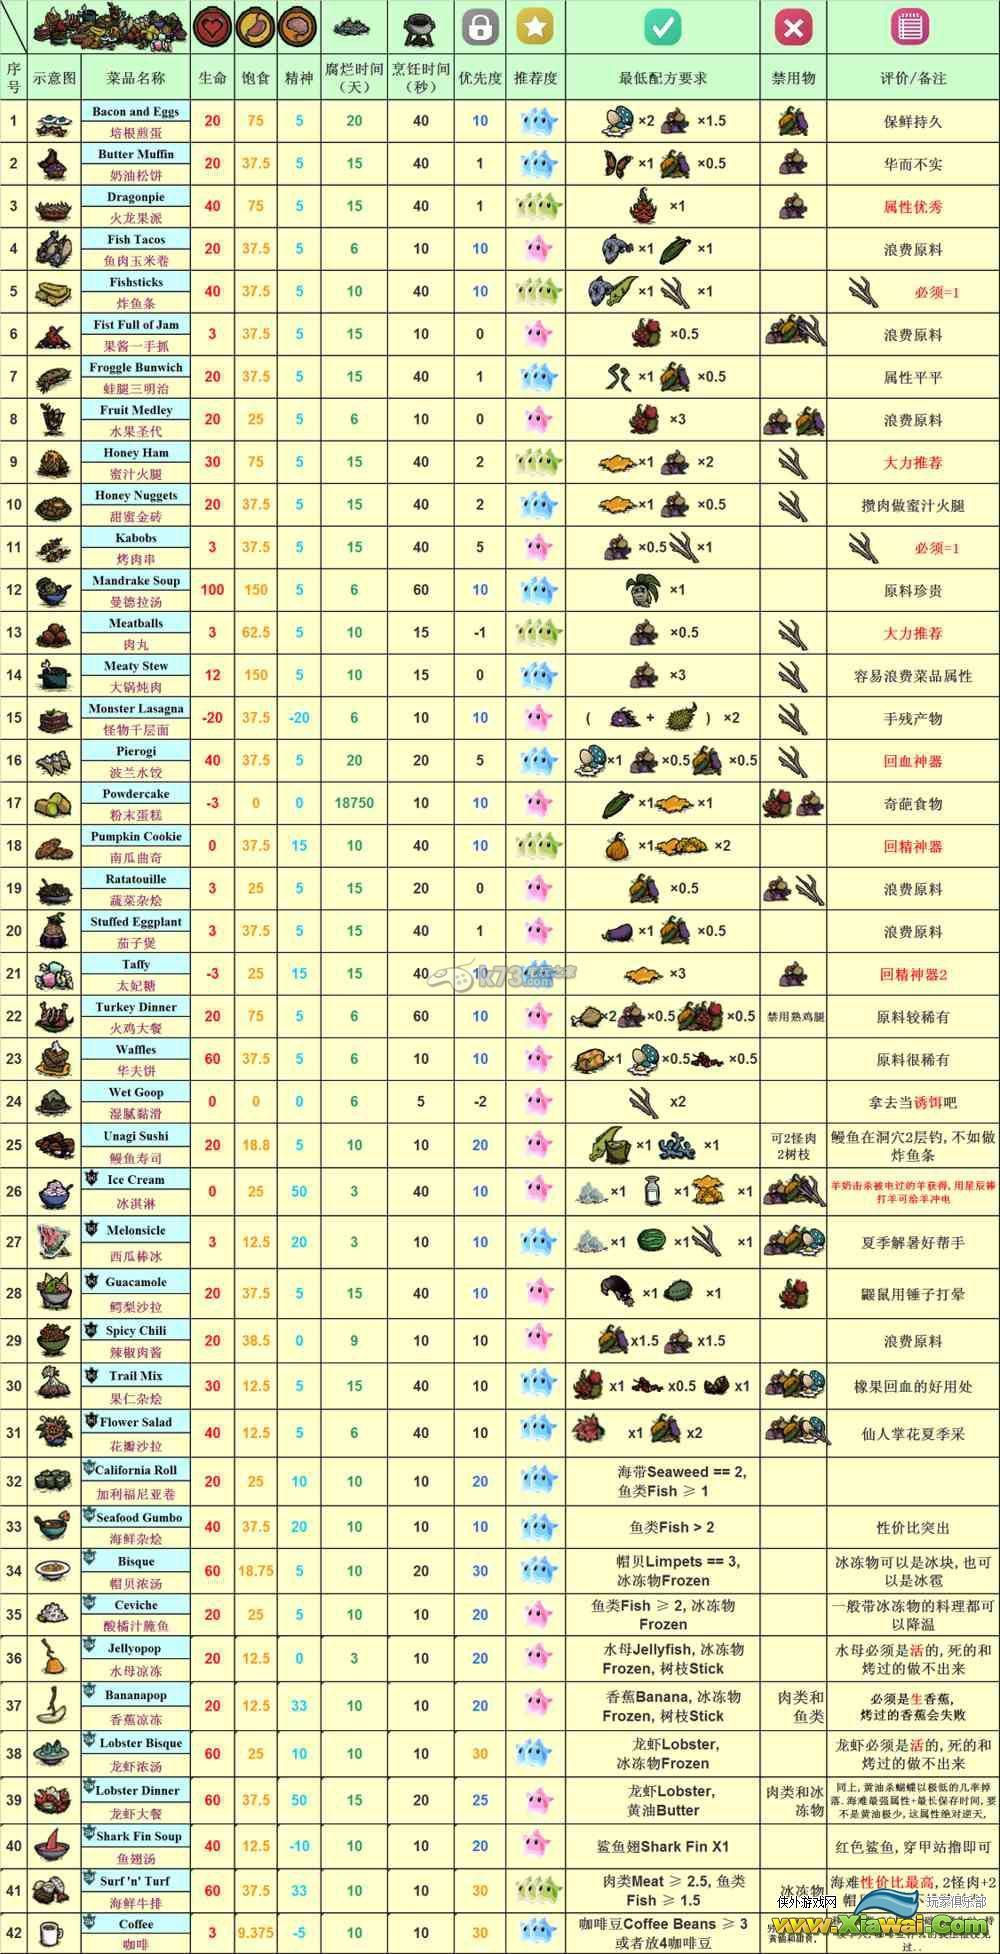 饥荒海难全部42种食物食谱一览